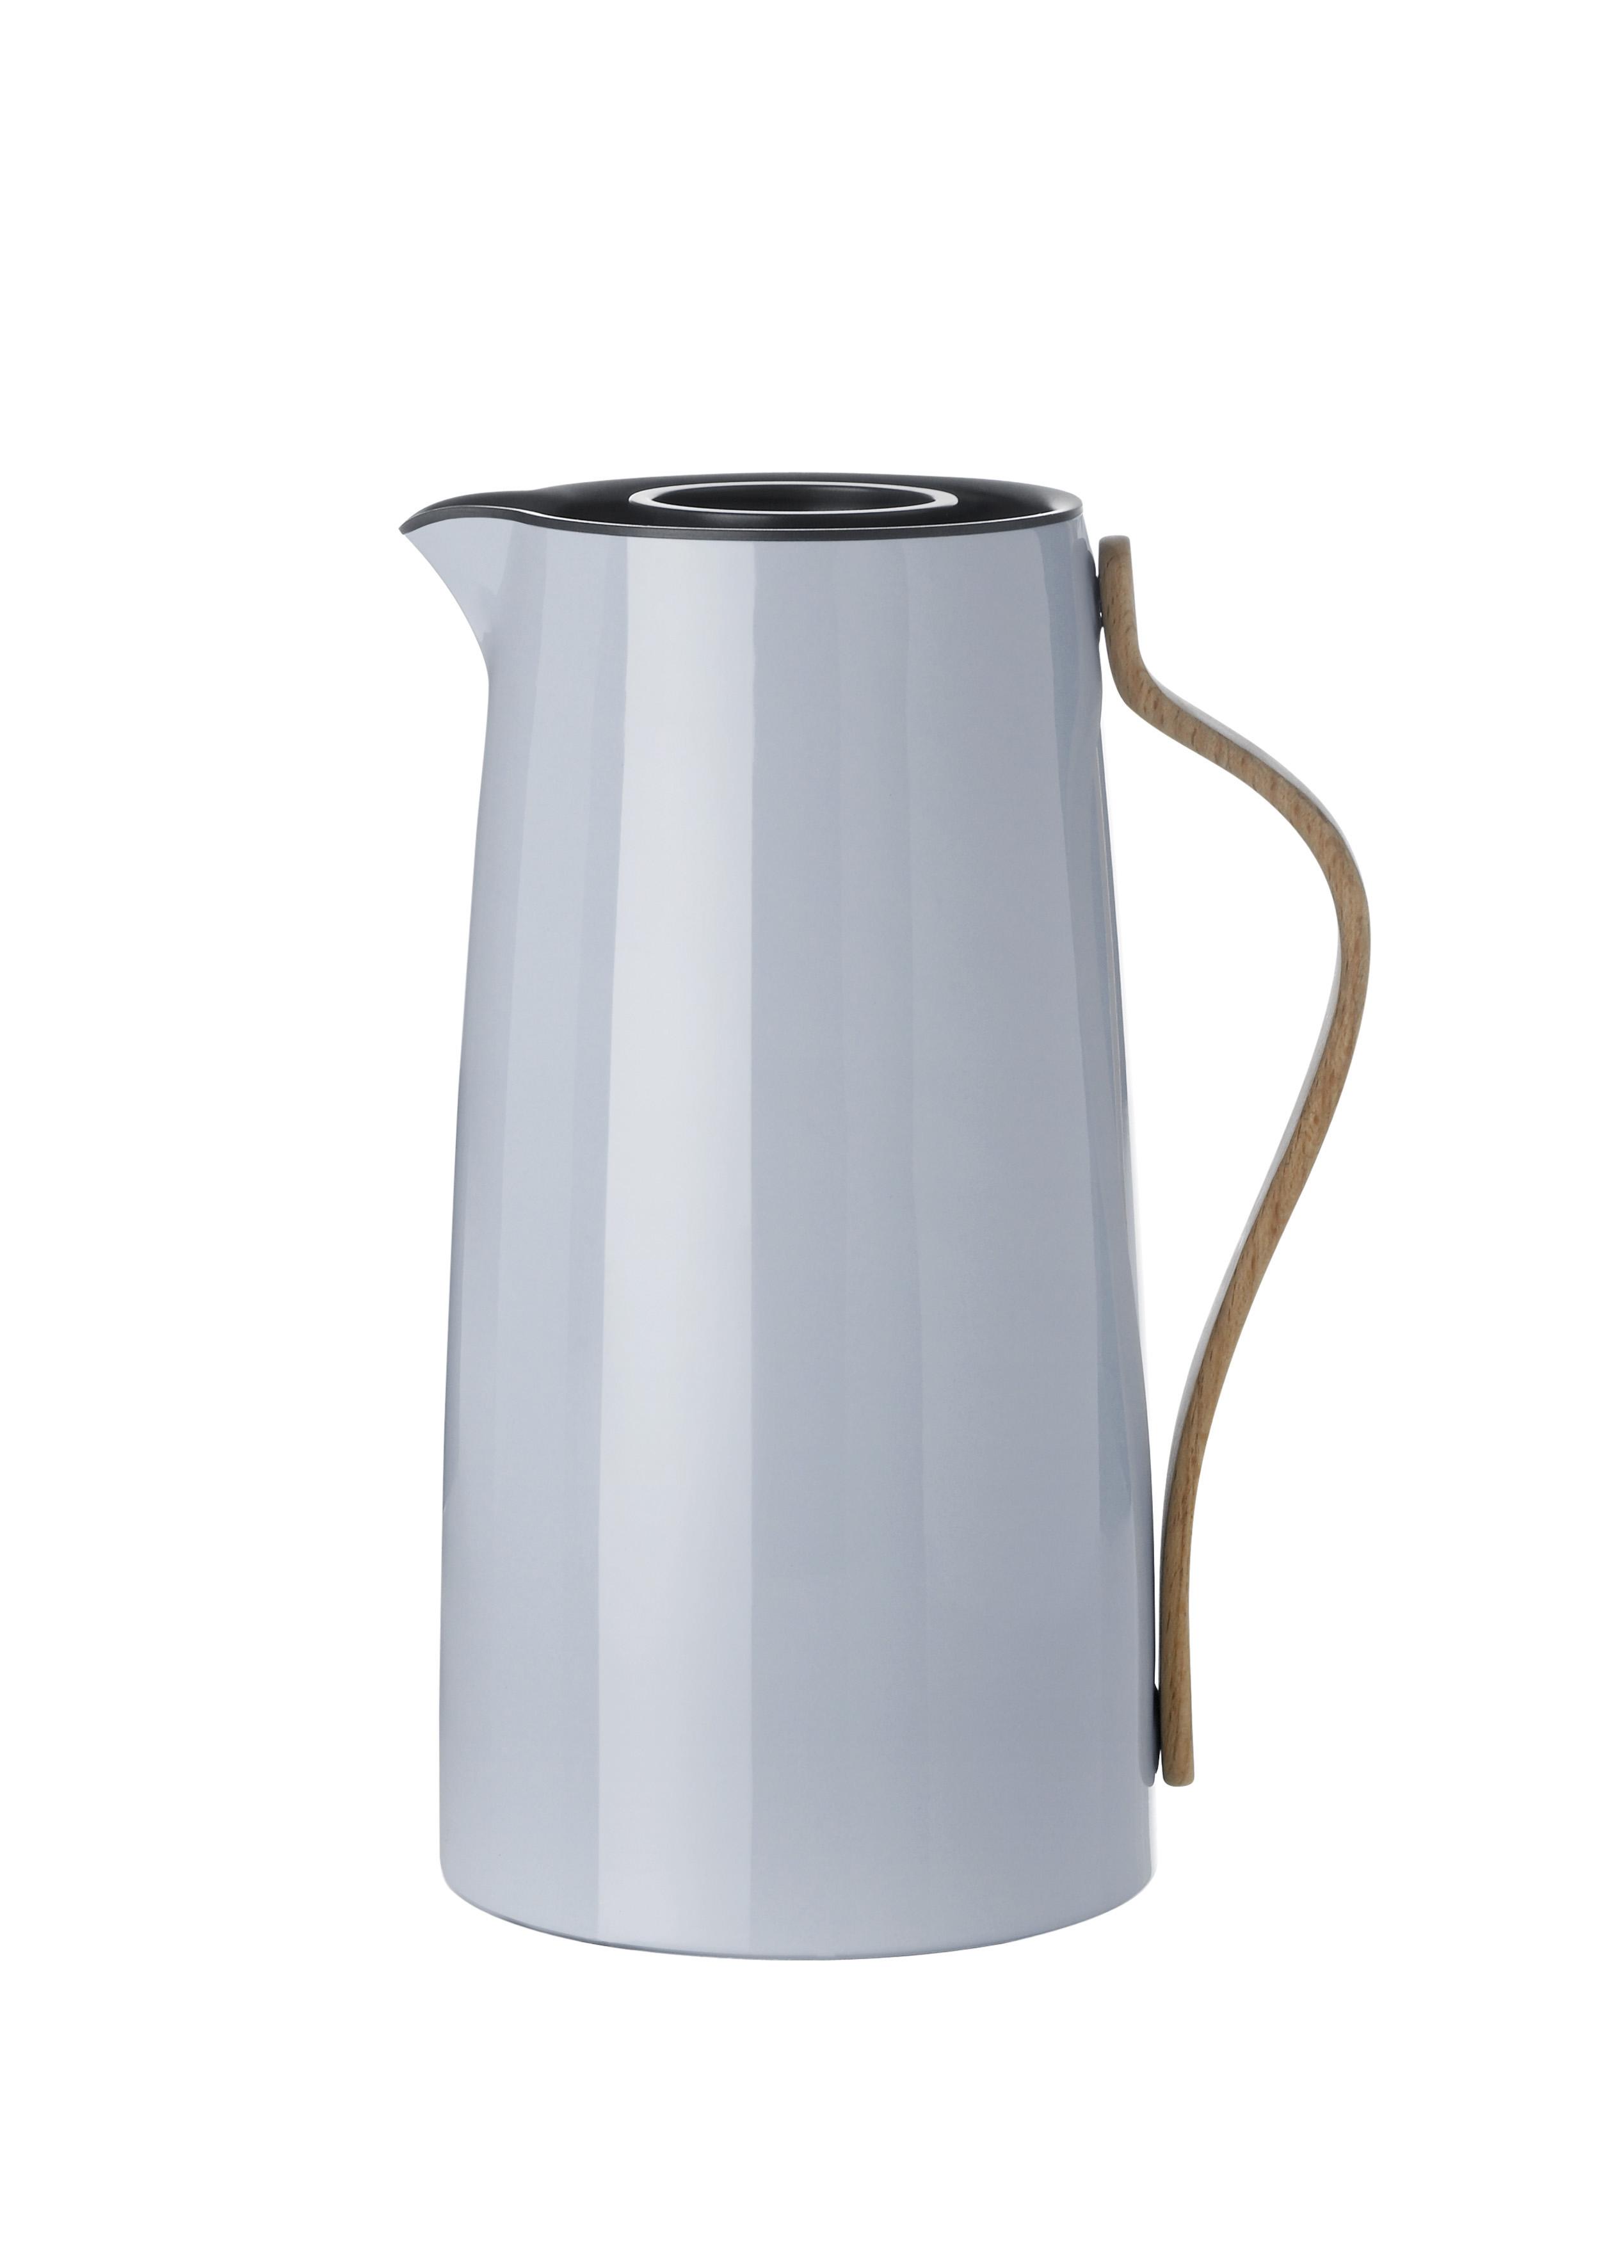 Заварочный кофейник Stelton Emma вакуумный, x-200, голубой, 1,2 л